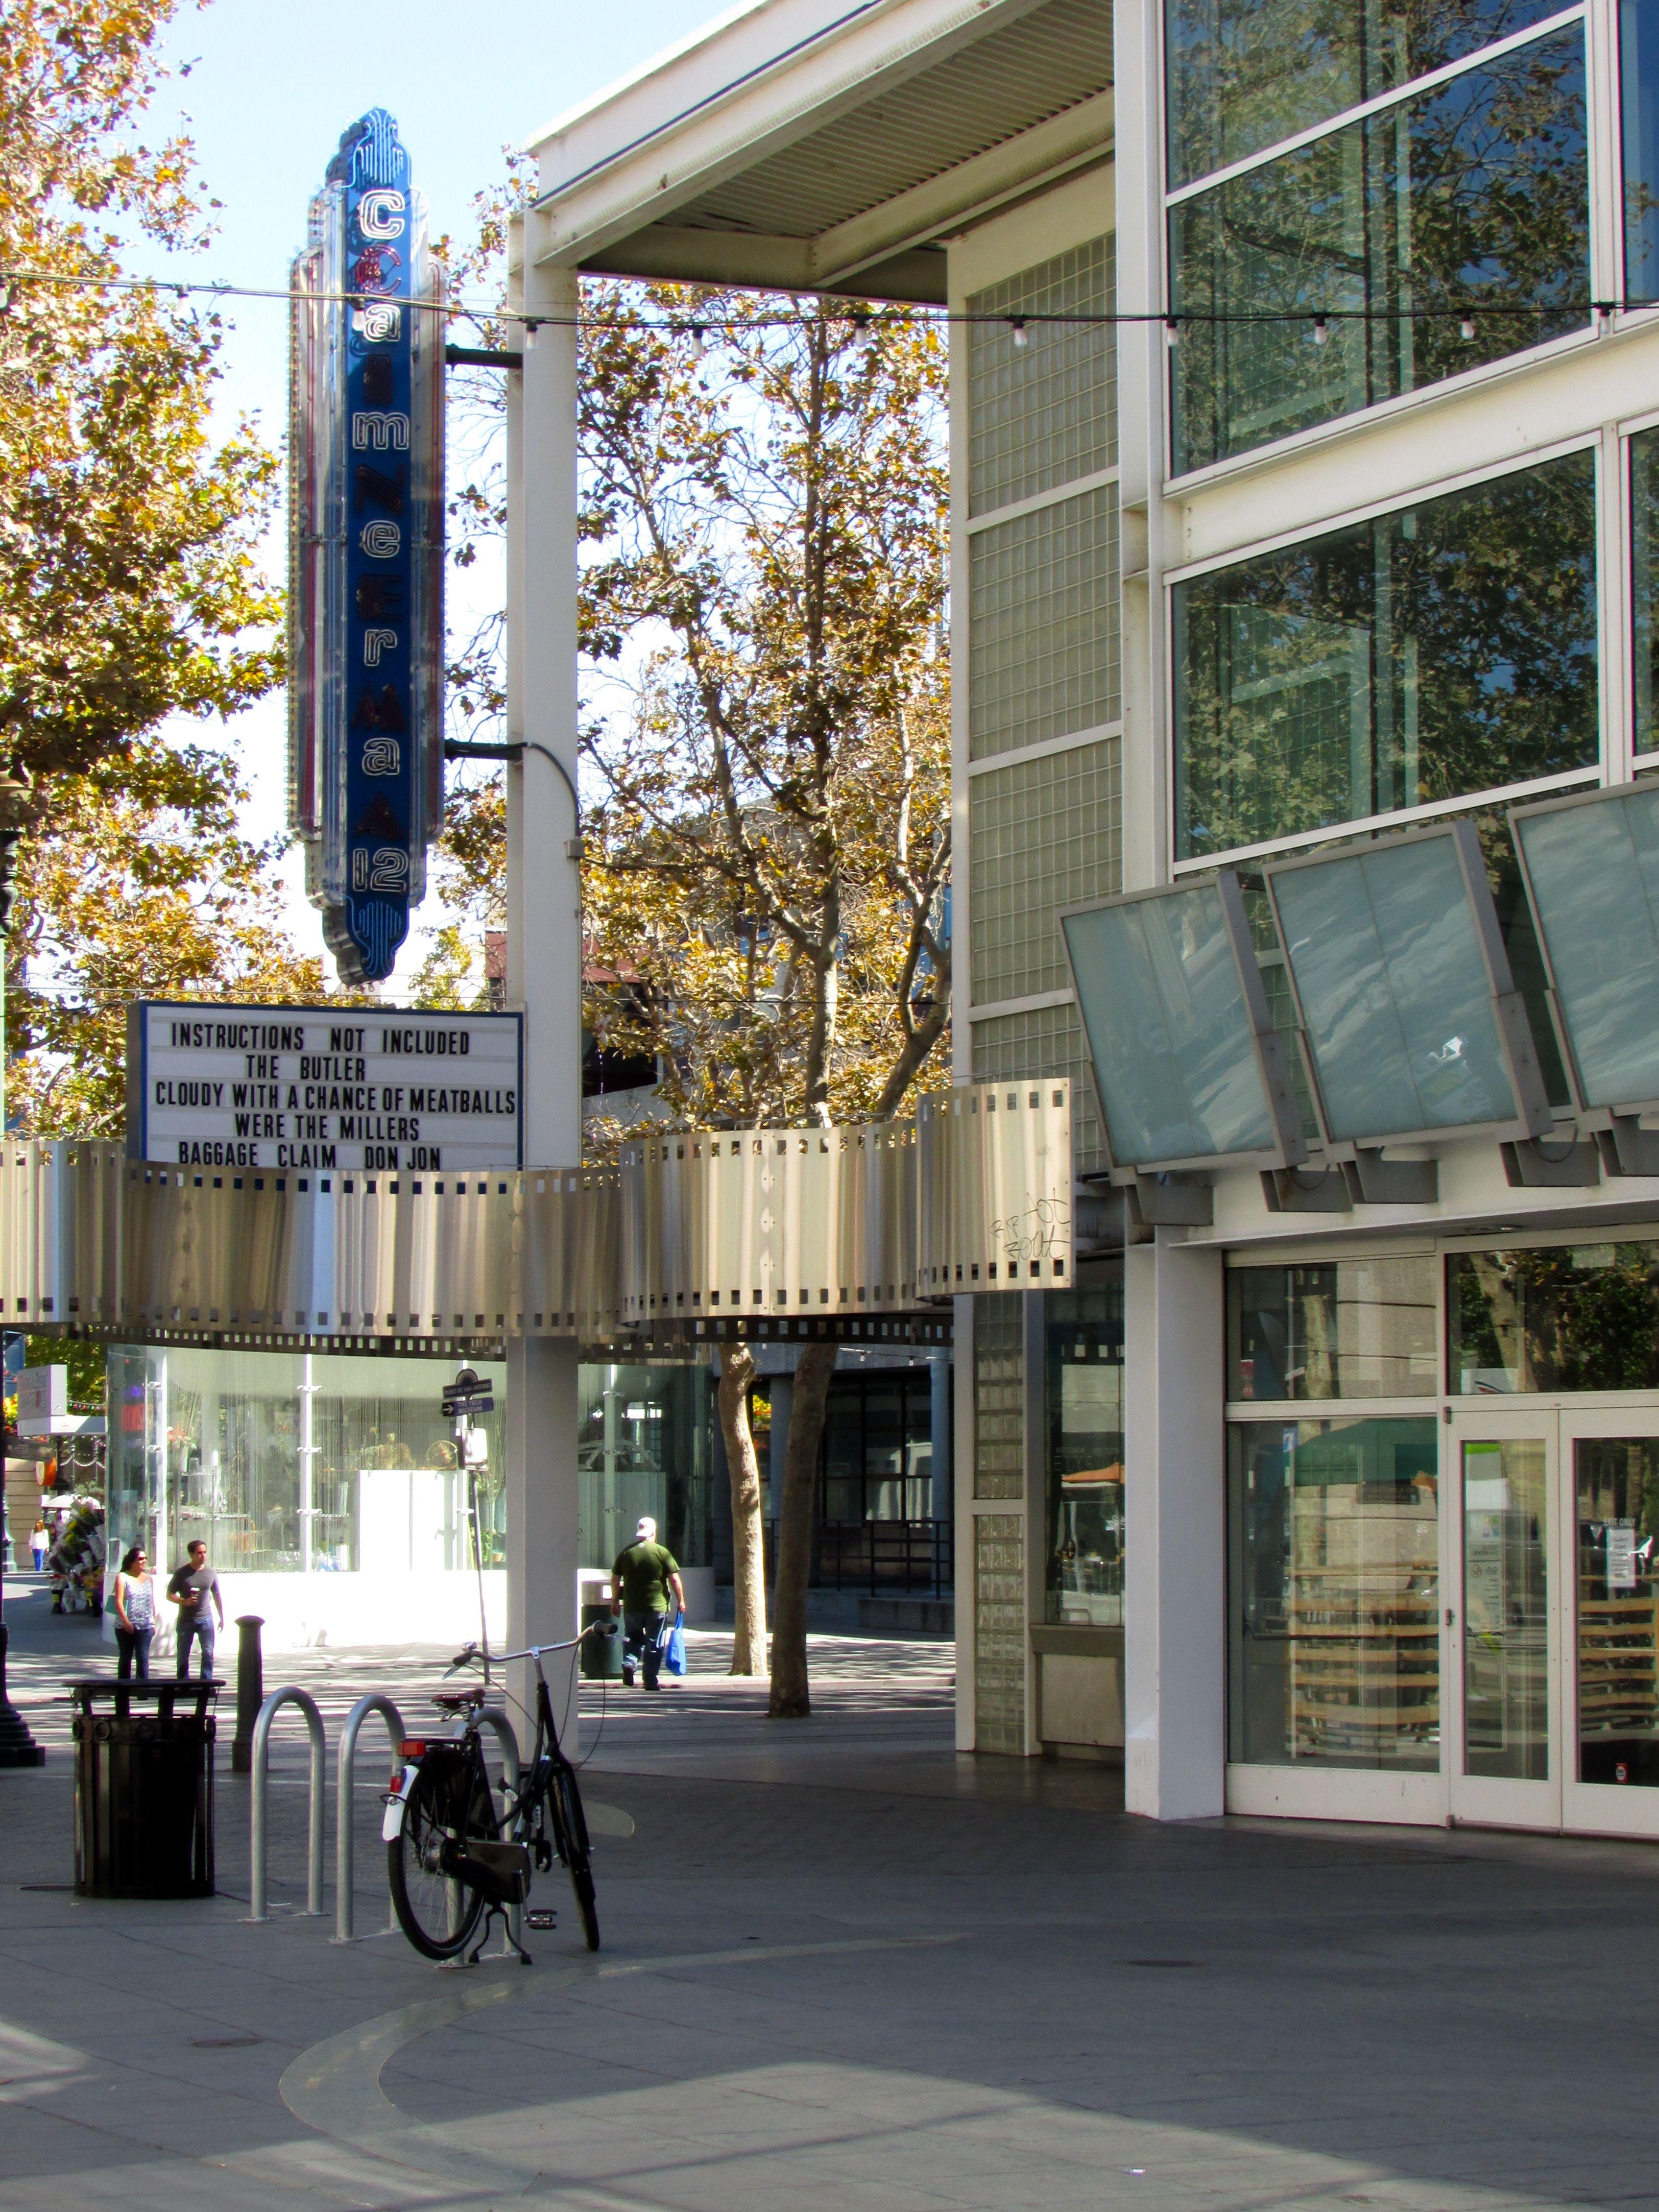 Camera 12 Cinemas - 201 S. Second Street, San Jose, Ca. USA   City ...